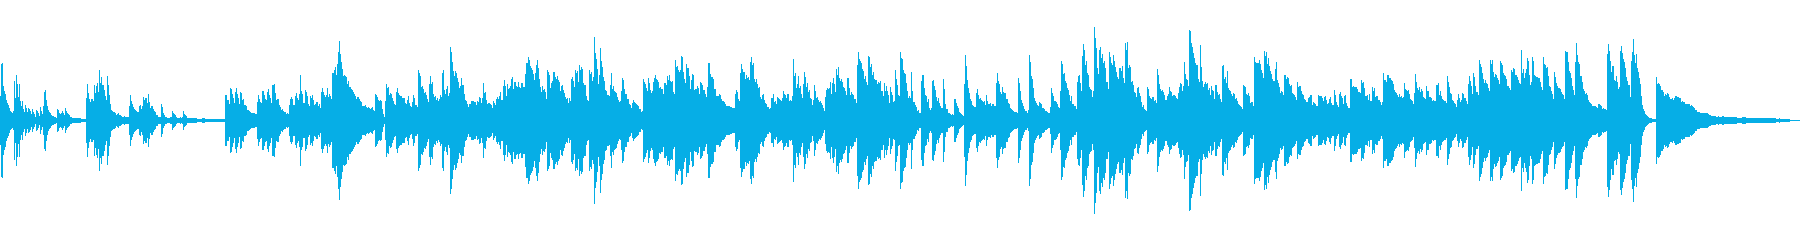 浜辺の歌 ソロジャズピアノ生演奏 テーマの再生済みの波形